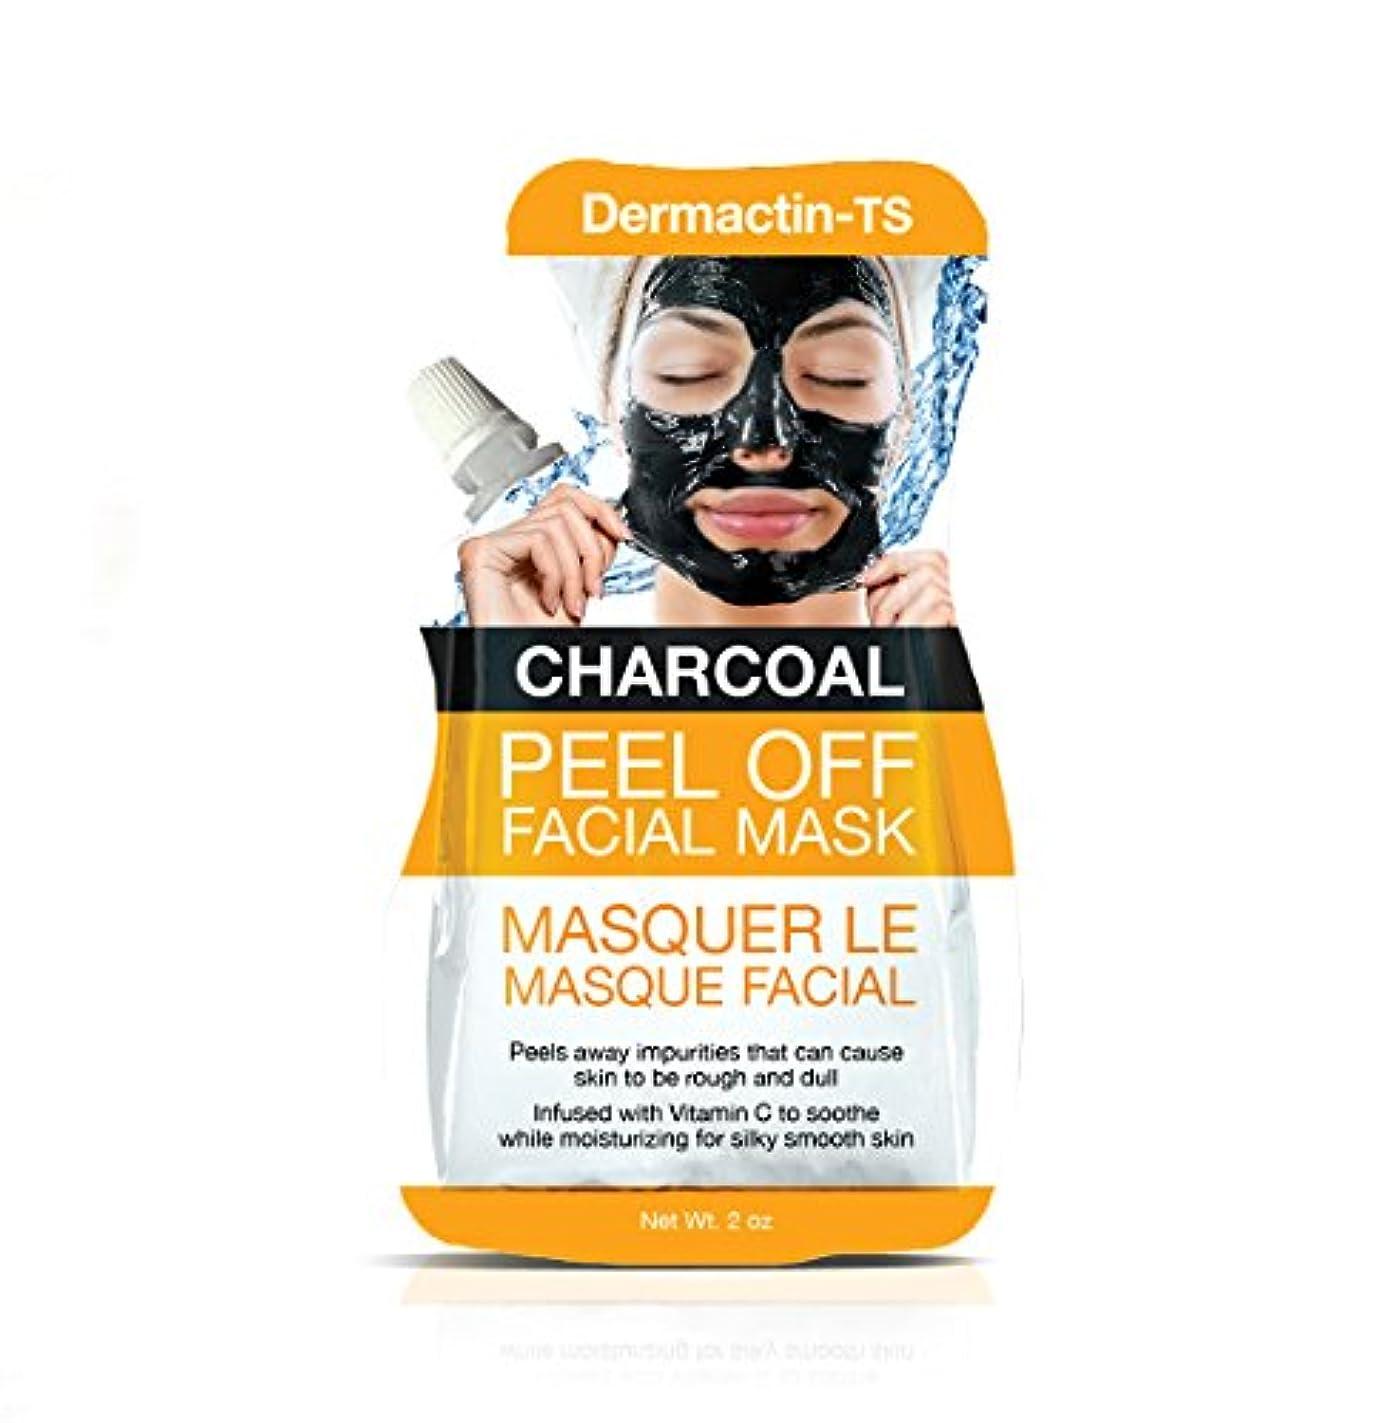 誠意アロングちょっと待ってDermactin-TS フェイシャルマスクを剥がすチャコール50 g (並行輸入品)